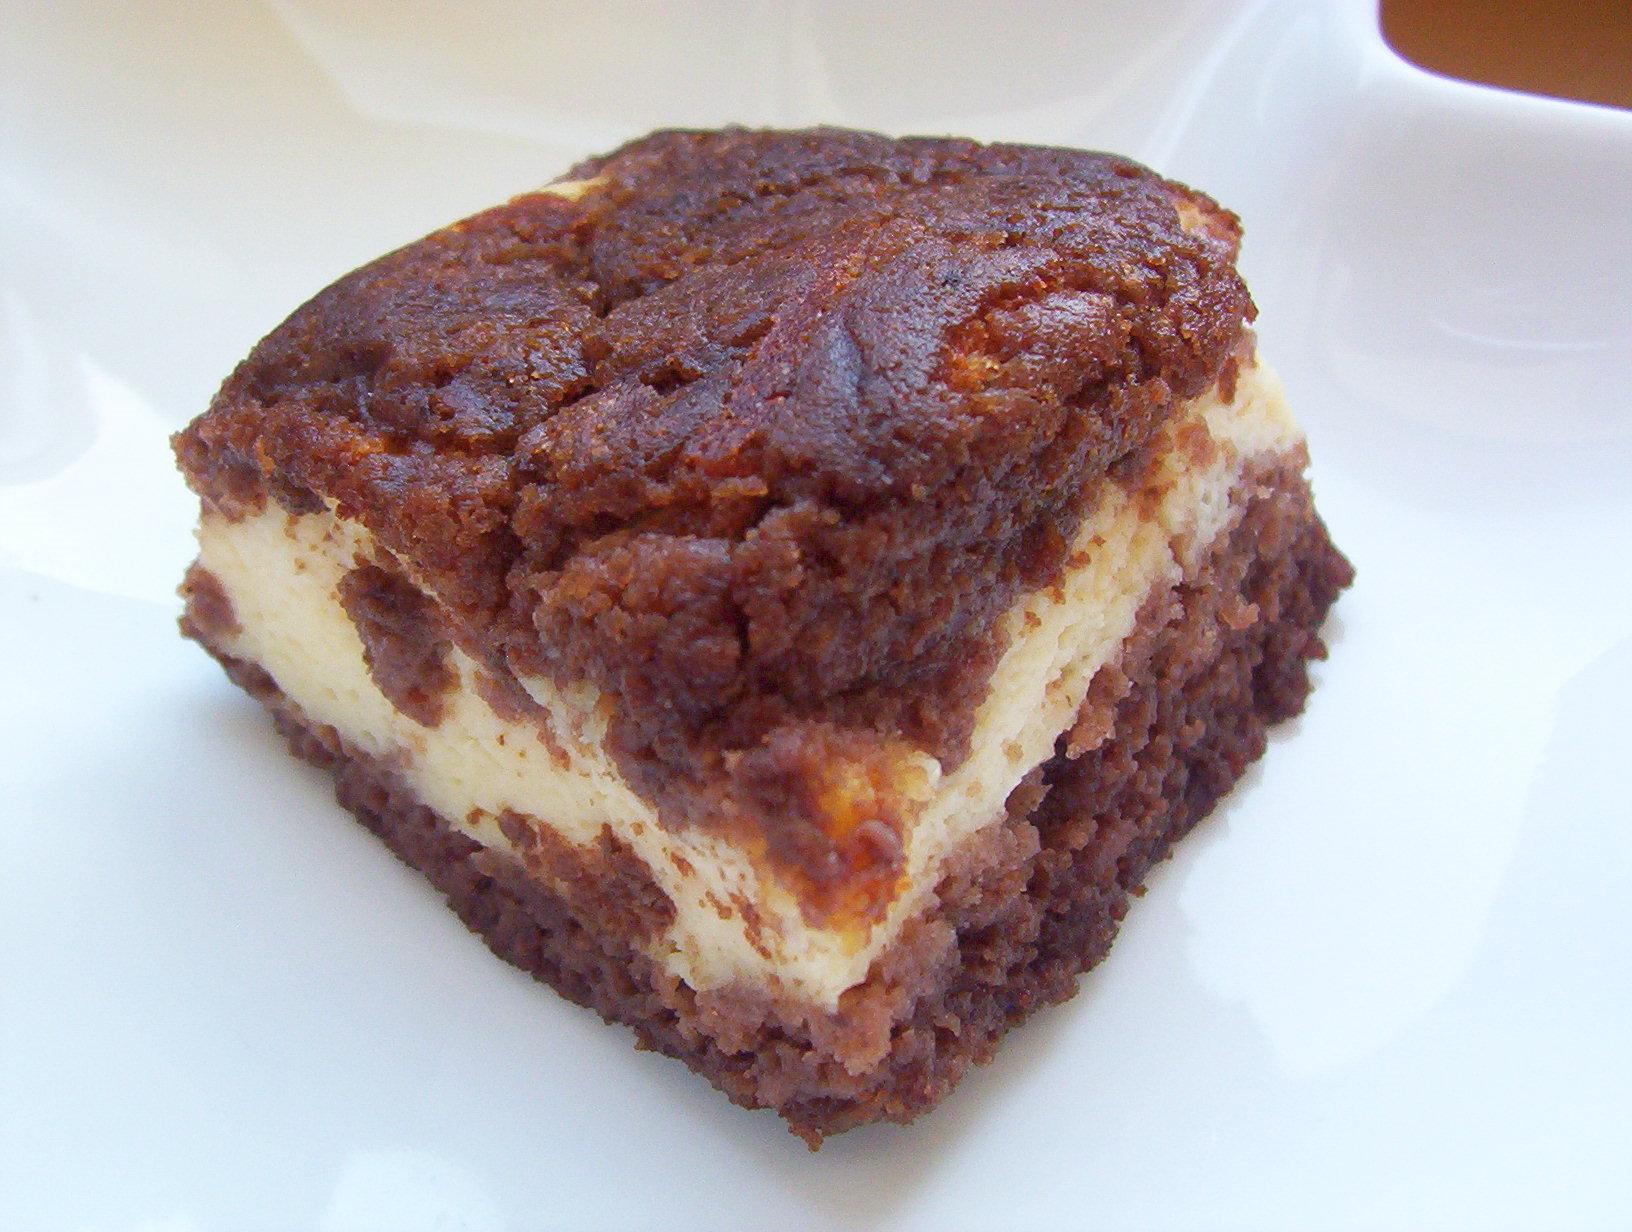 Kakaový strouhaný koláč s tvarohem